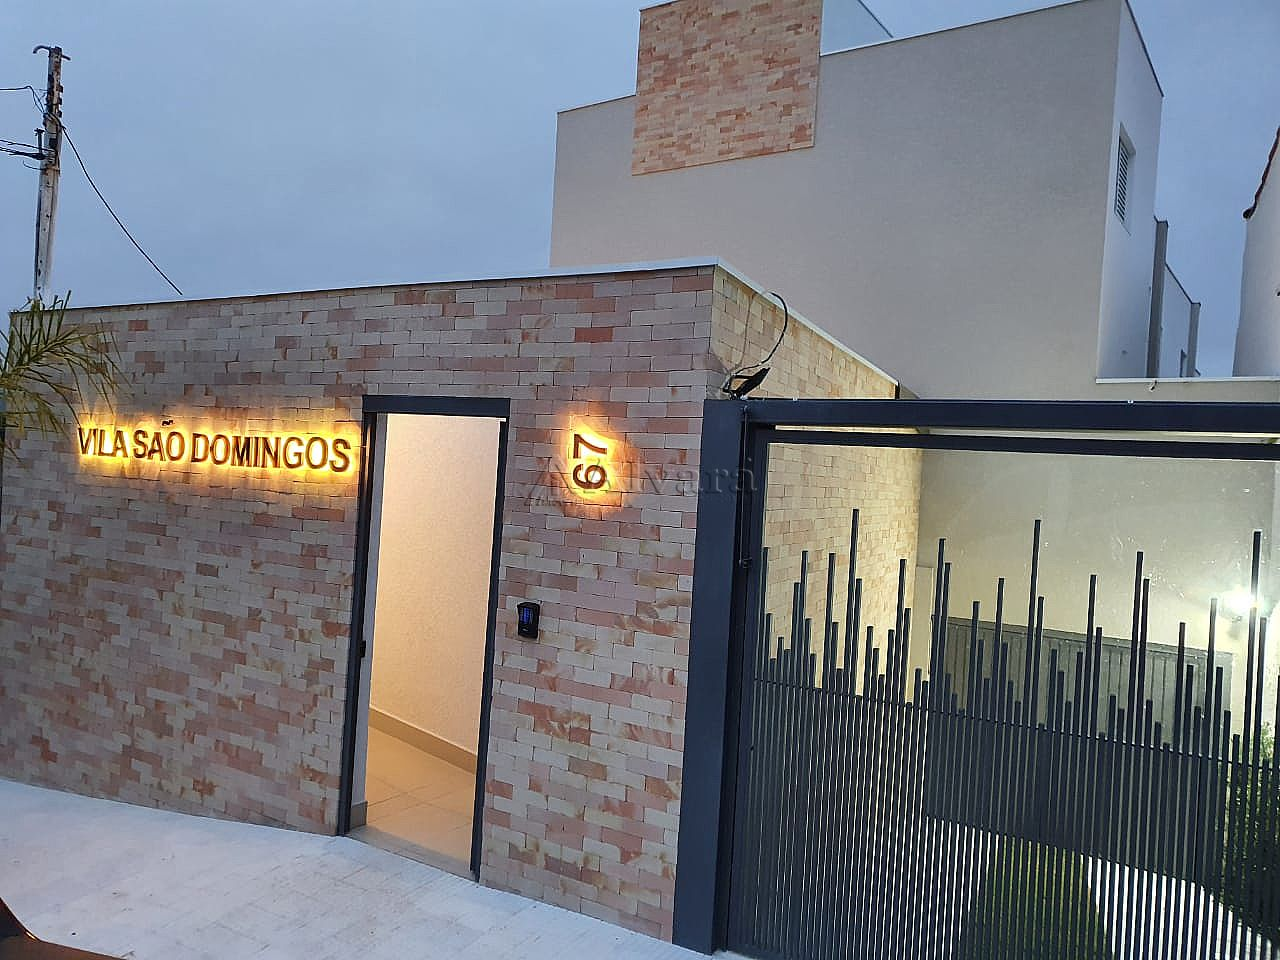 Casa de condomínio para Venda - Parque São Domingos - São Paulo/SP - Vila São Domingos